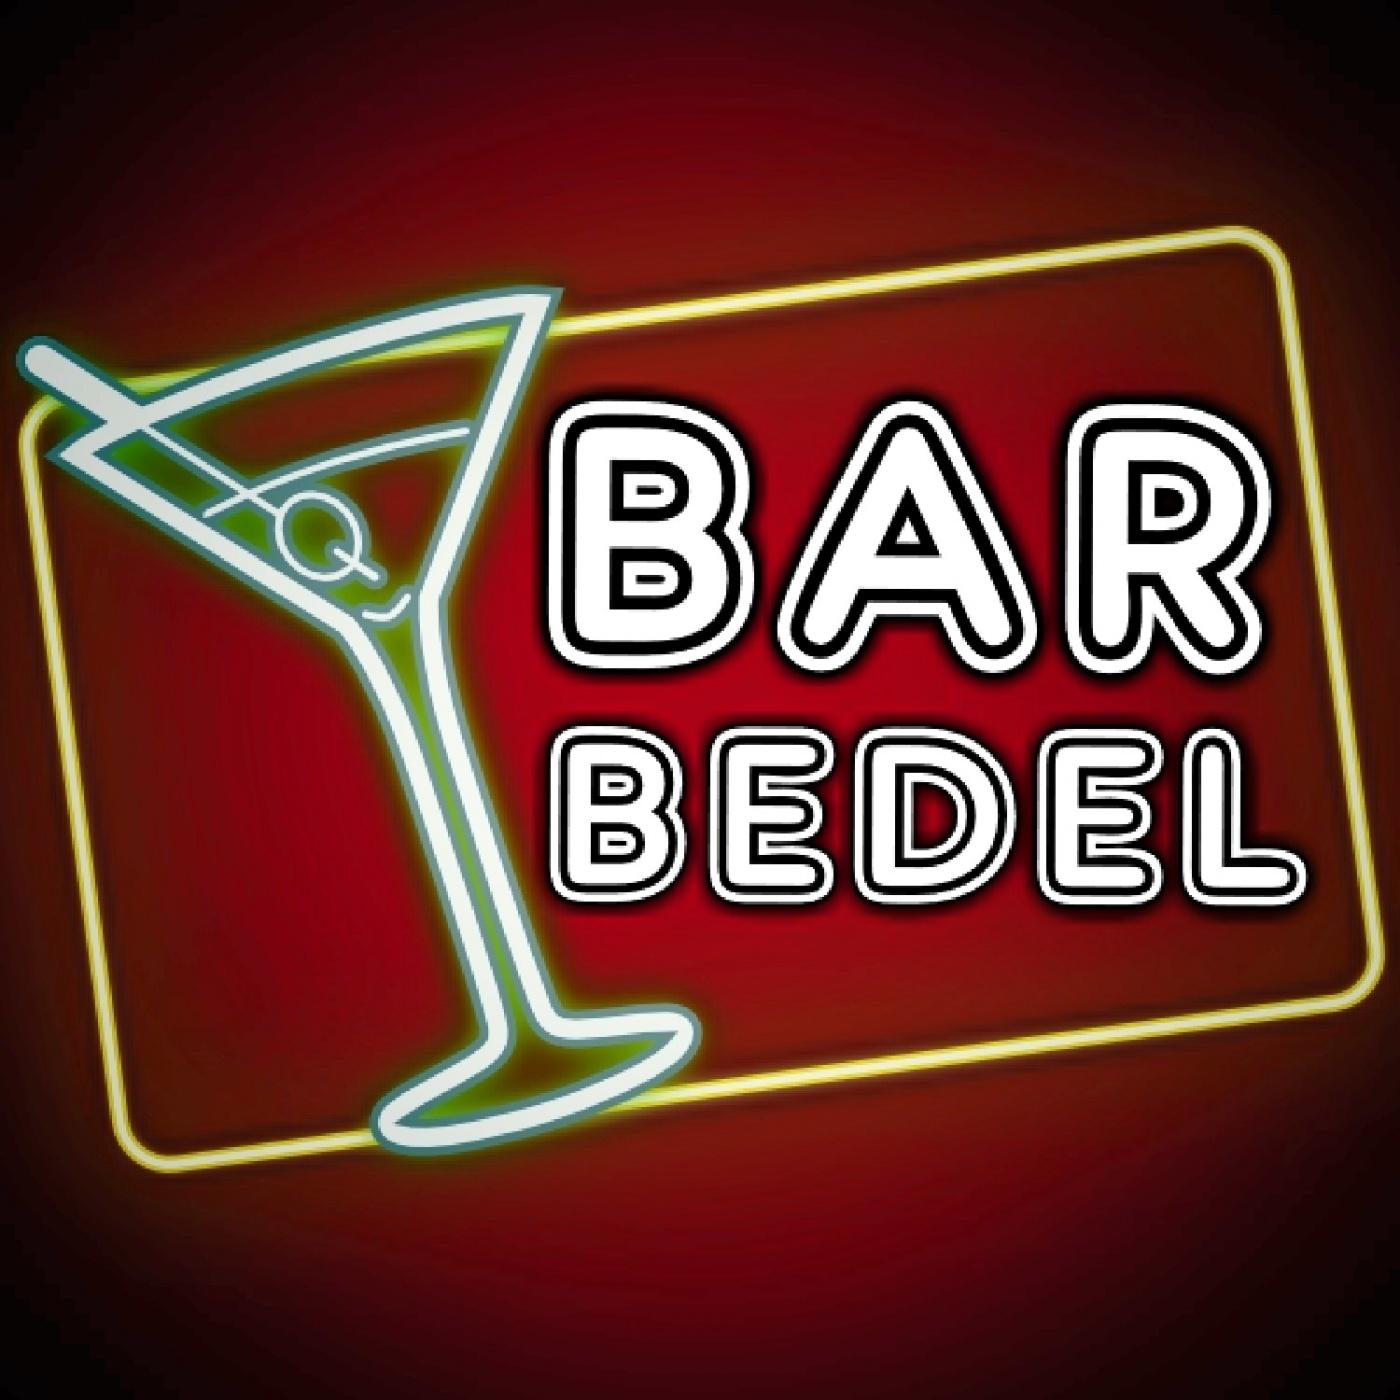 Logo de Bar Bedel